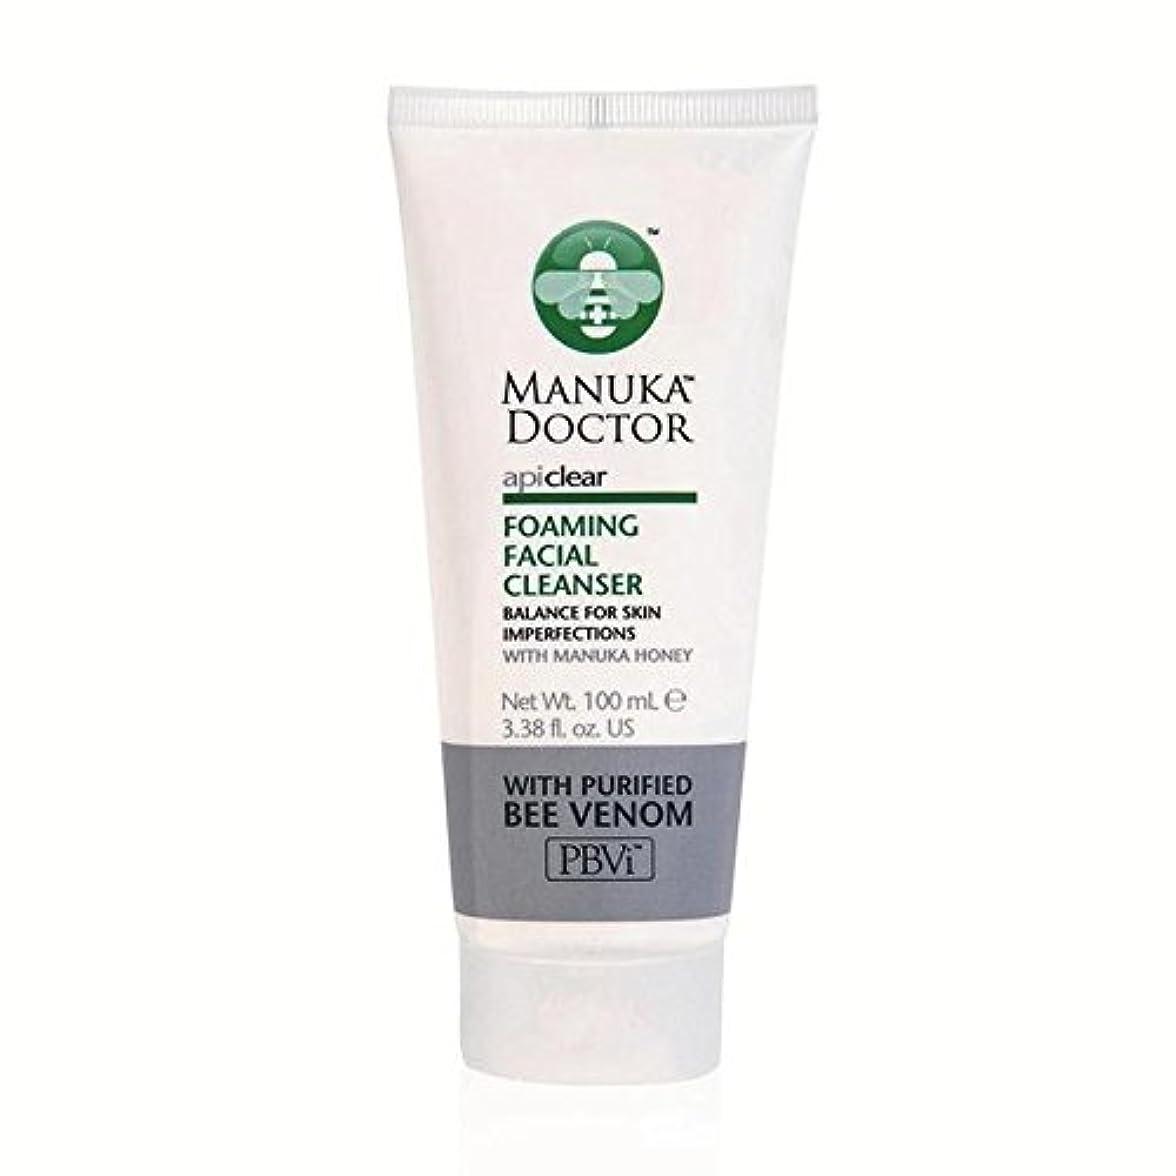 マヌカドクター明確な泡立ち洗顔料の100ミリリットル x2 - Manuka Doctor Api Clear Foaming Facial Cleanser 100ml (Pack of 2) [並行輸入品]